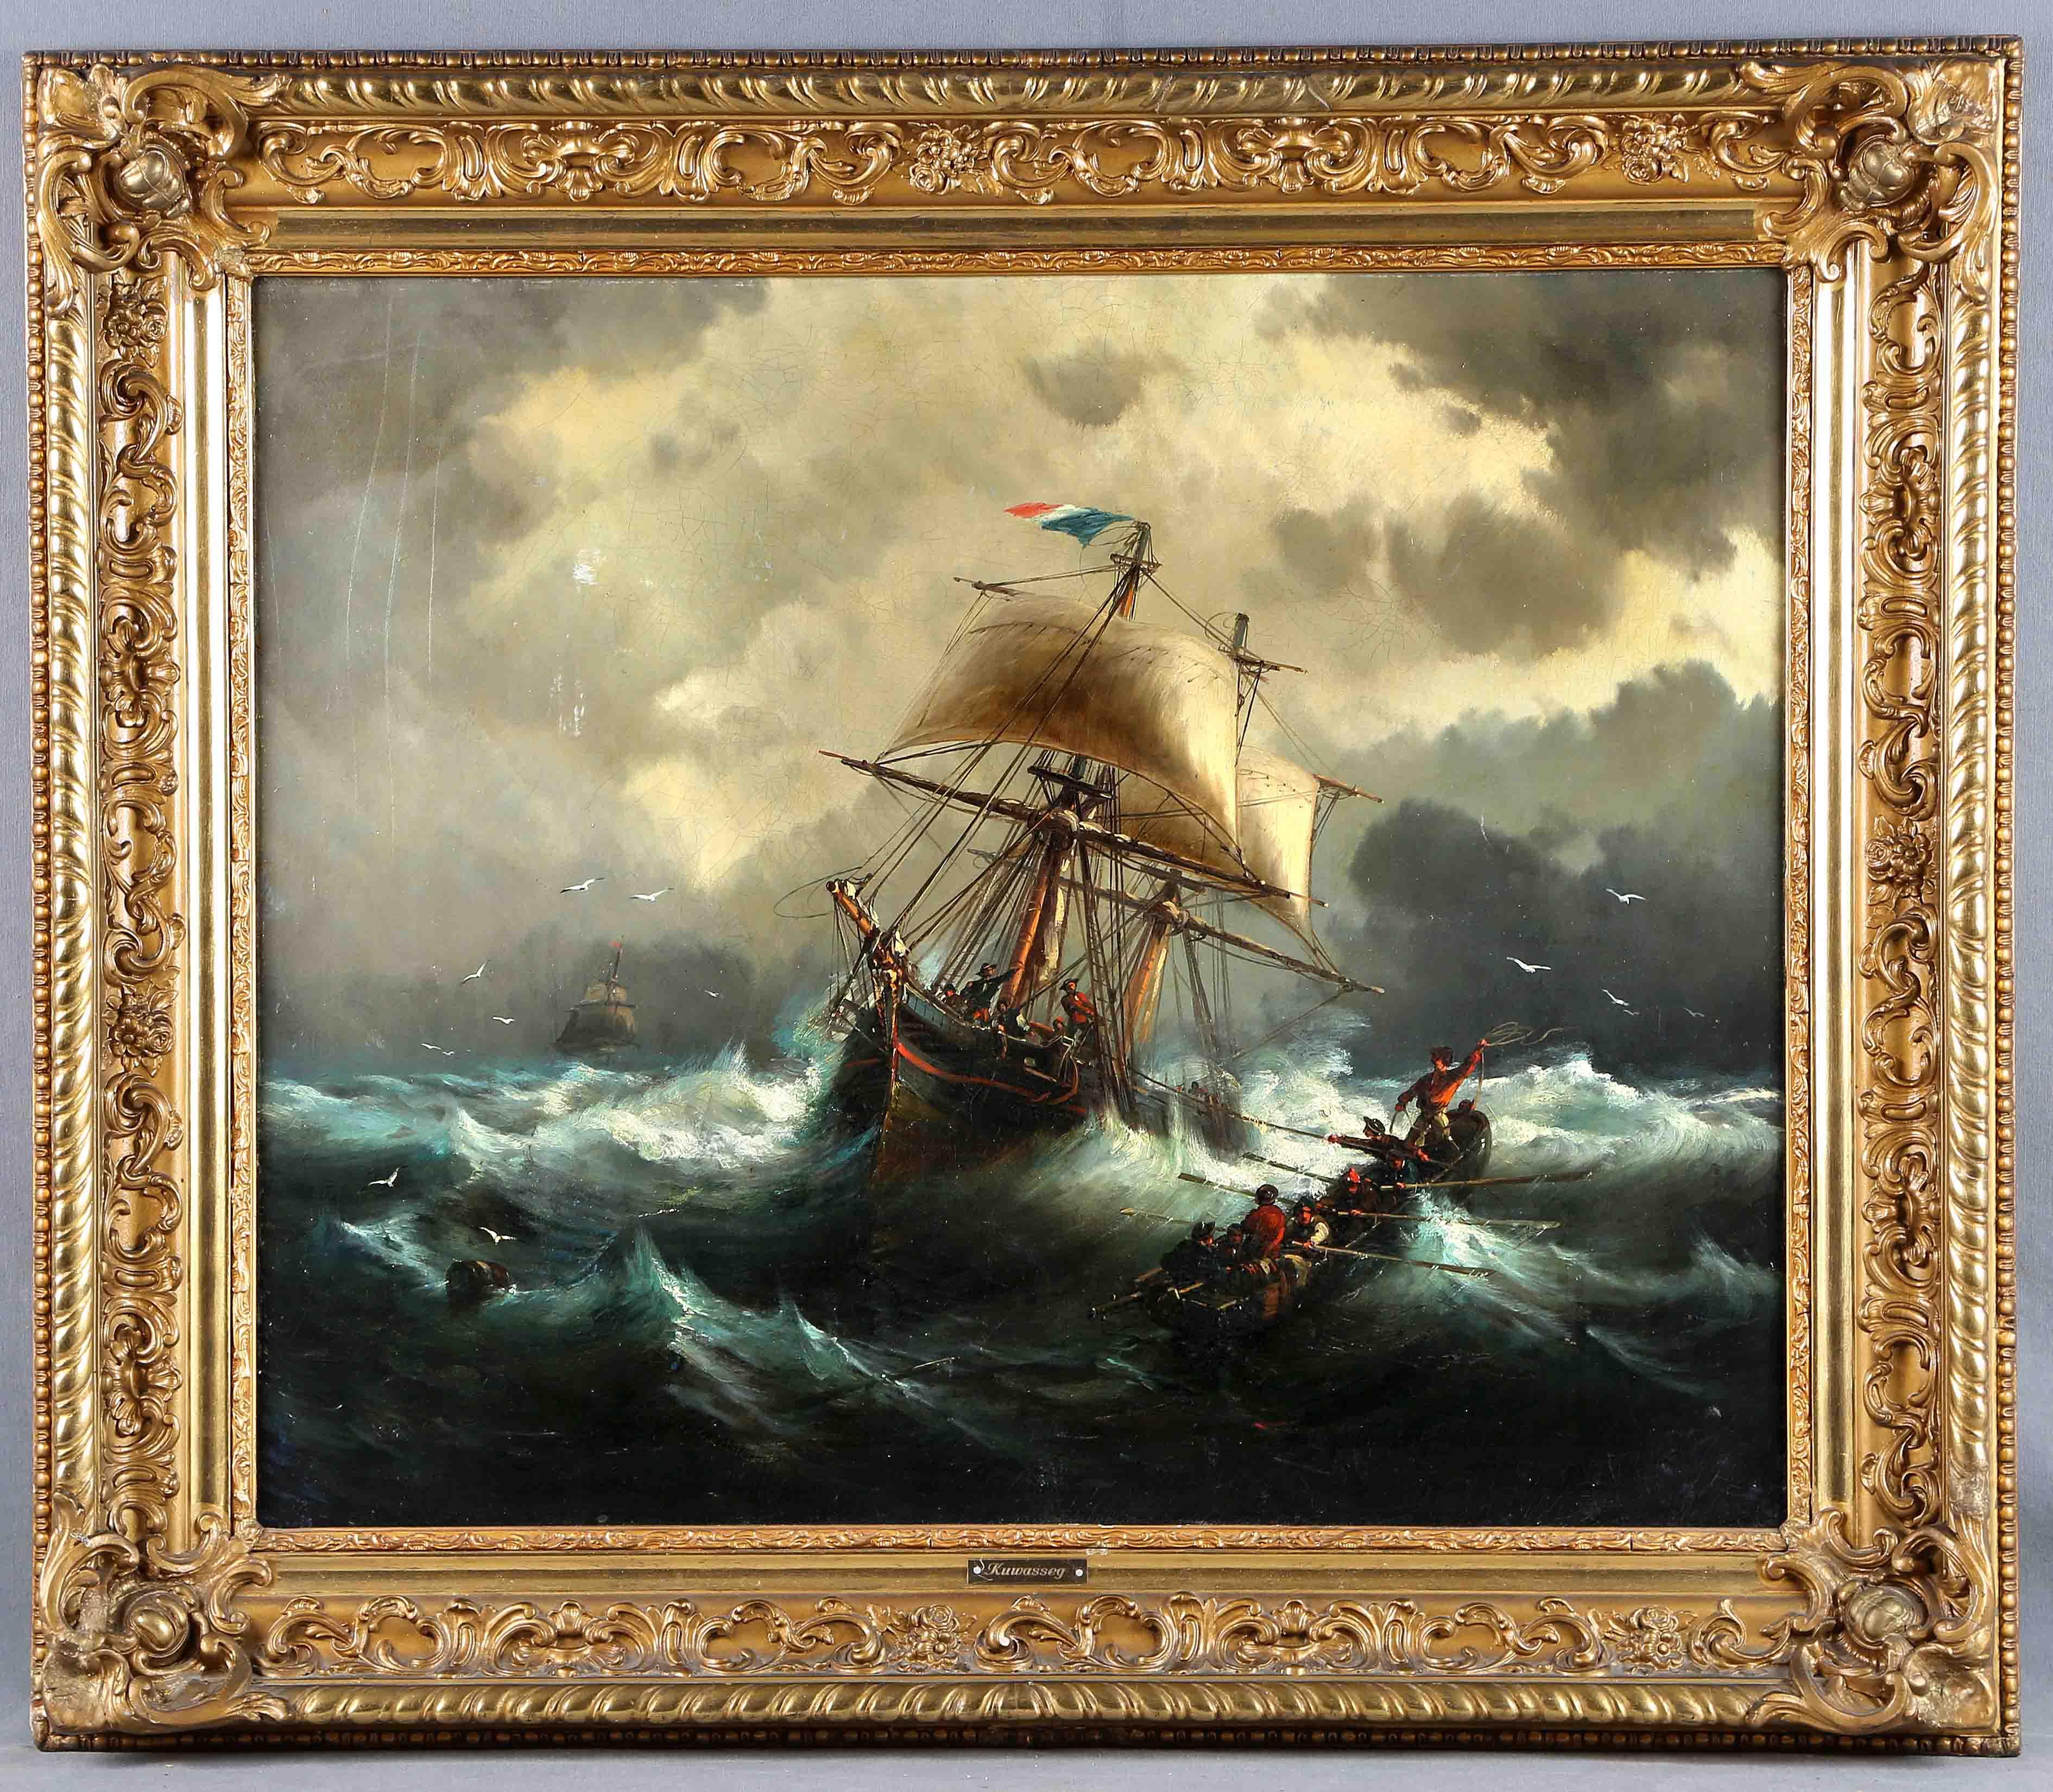 Vente Peinture, Mobilier et Objets d'Art (vente du 24 Mars - reportée) chez Subastas Galileo : 448 lots